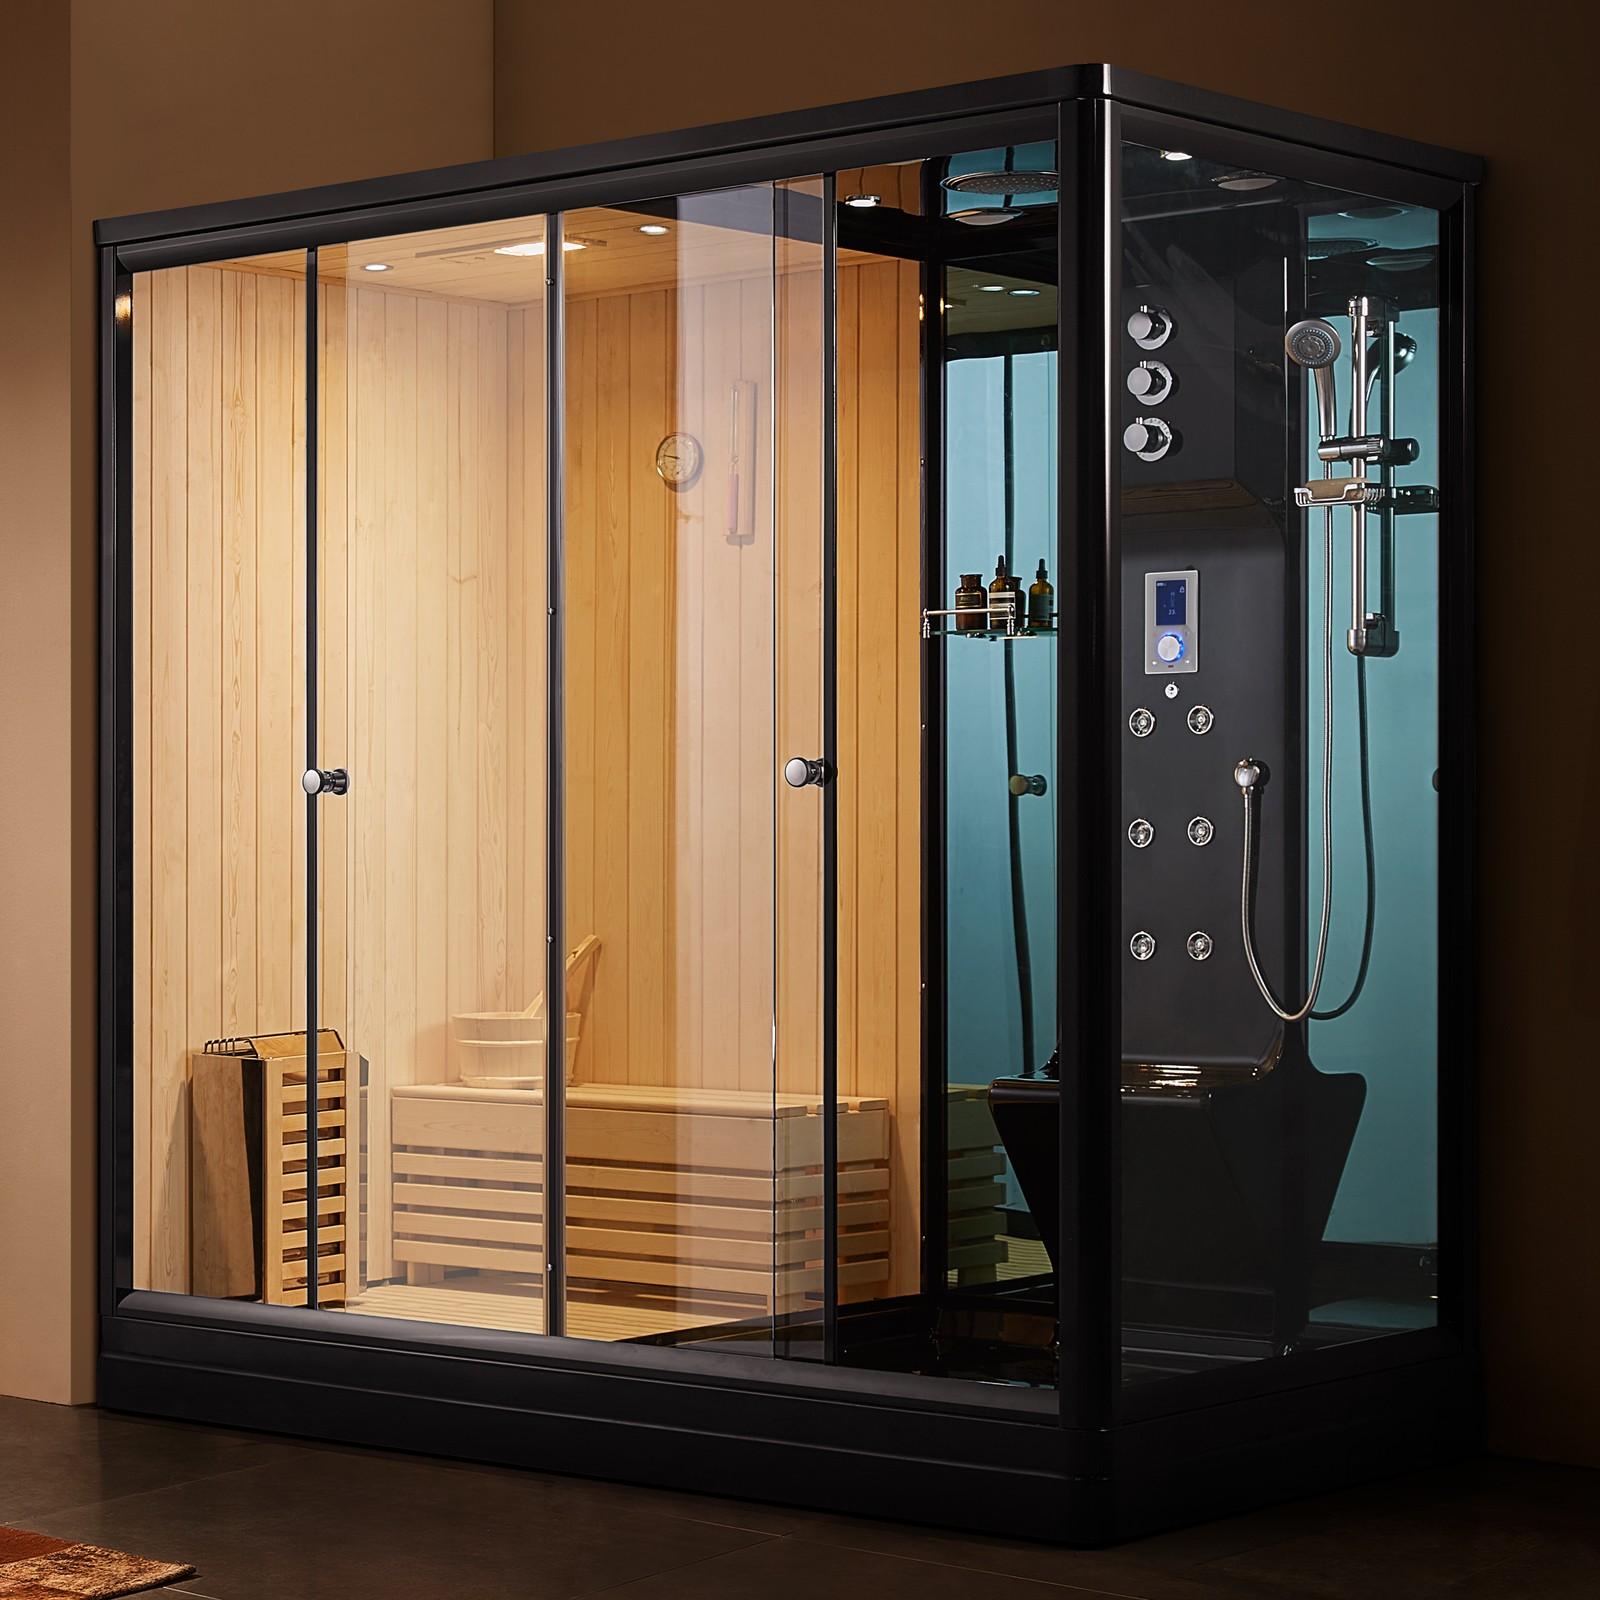 cf77c916c Steamdusj med tradisjonell sauna U881 Svart 220X120X220cm